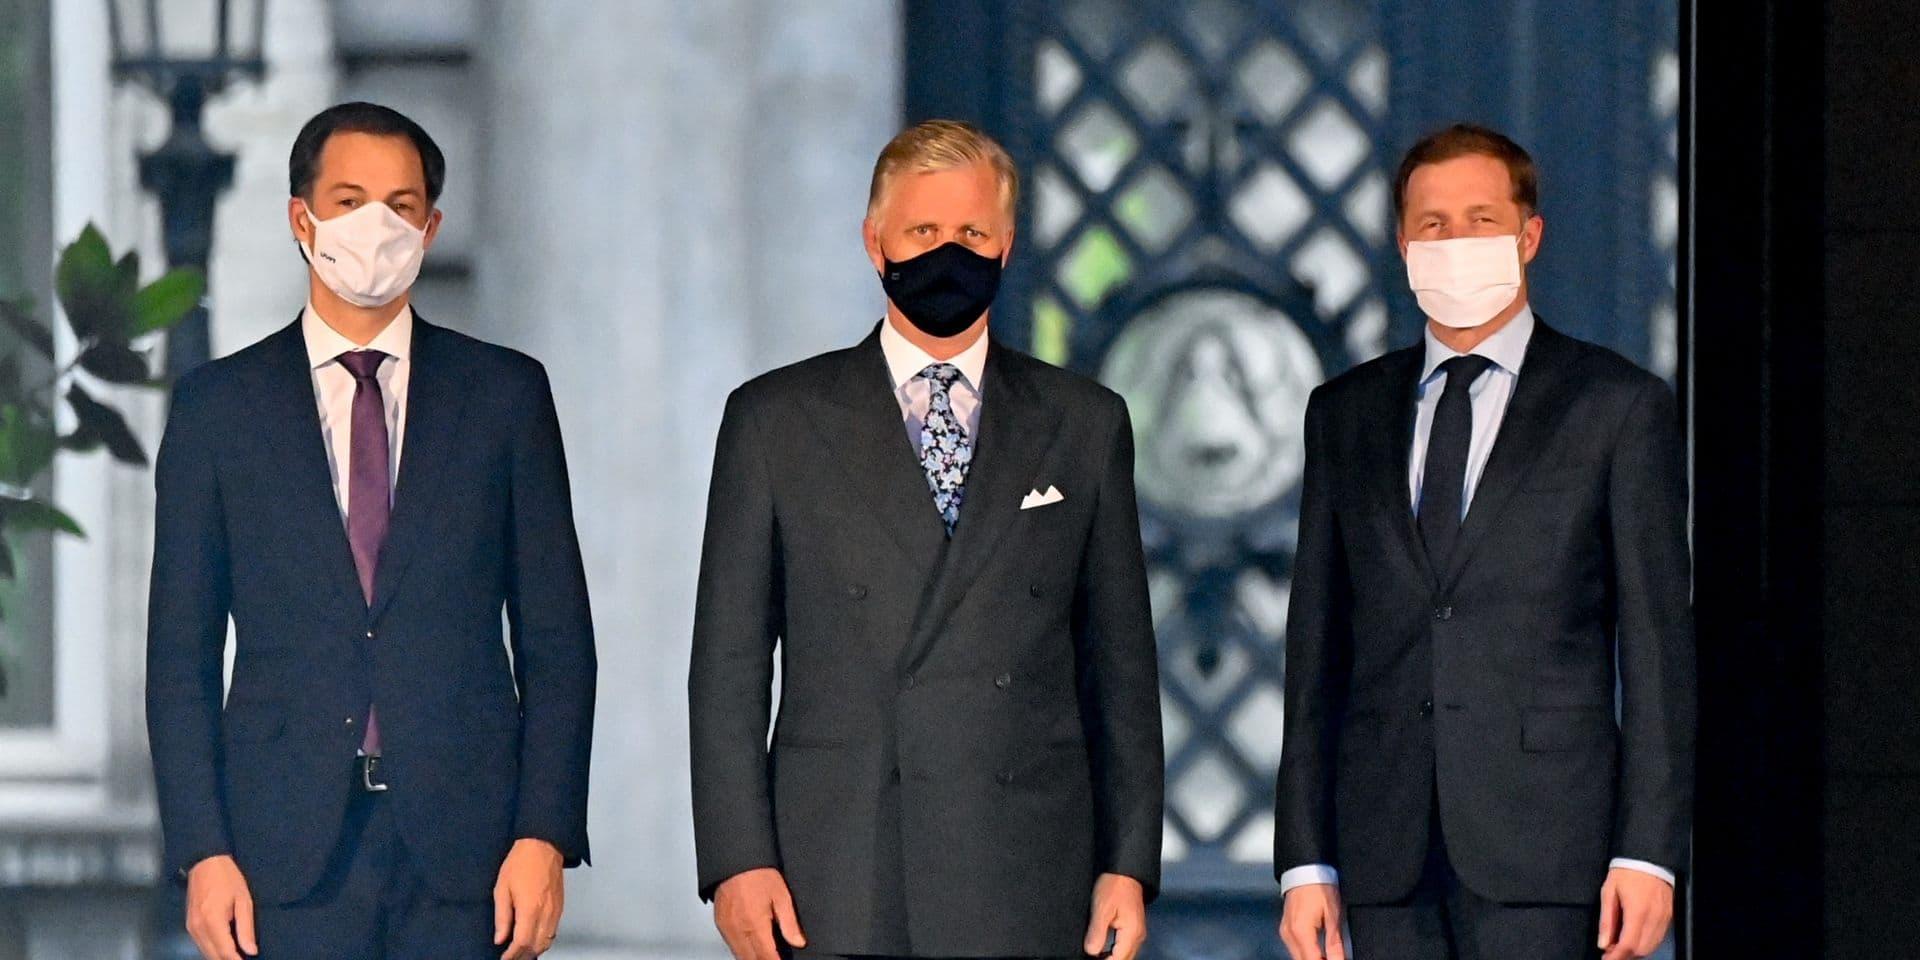 Un nouveau gouvernement après 662 jours de crise : retour sur les principales dates de la crise gouvernementale